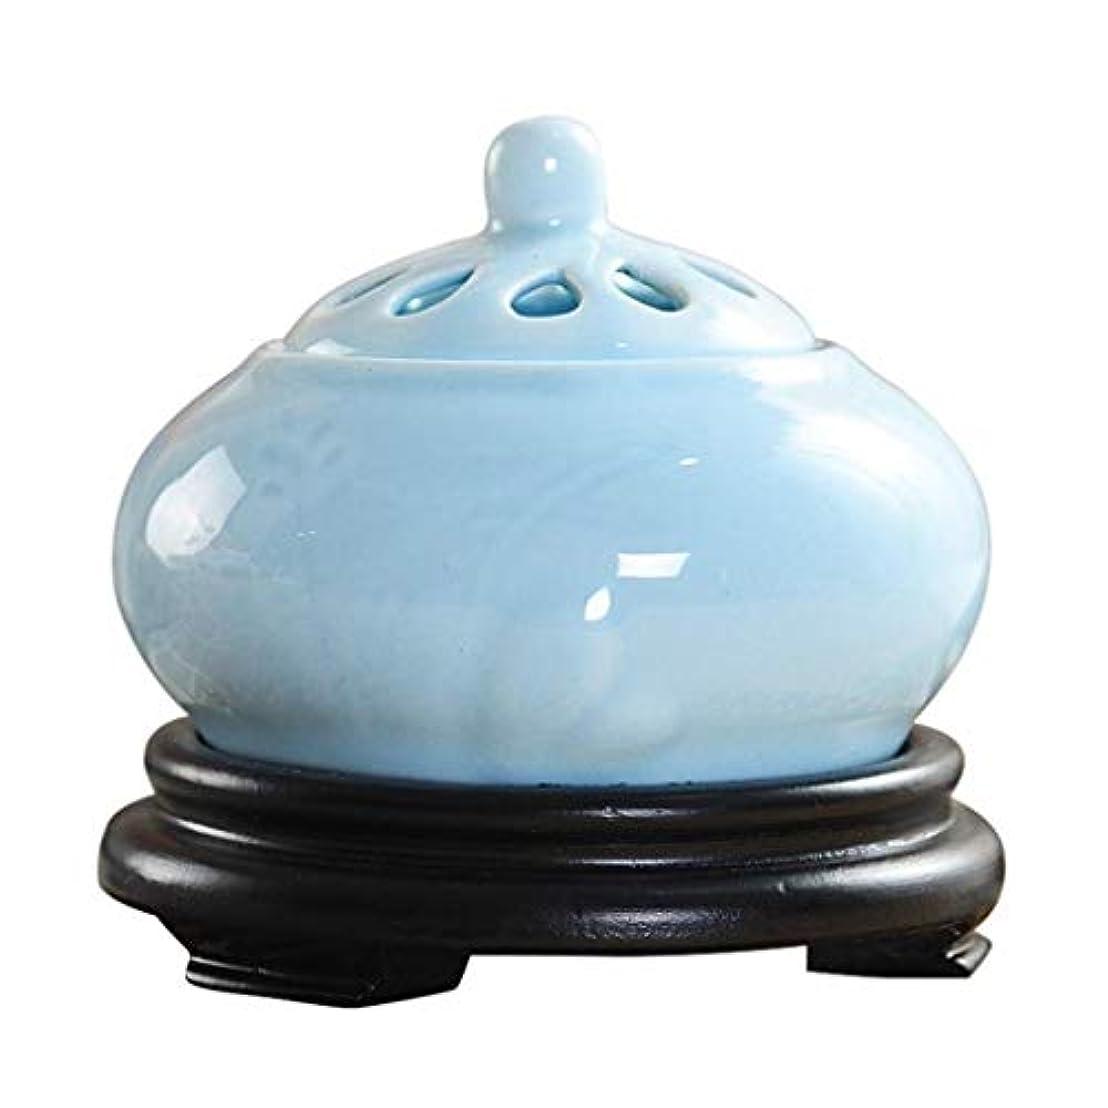 局メロディアスポテトMYTDBD 電子セラミックアロマセラピー炉、電気ディフューザーホーム磁器、タイミング?温度制御香炉、複数の色 (Color : Blue)